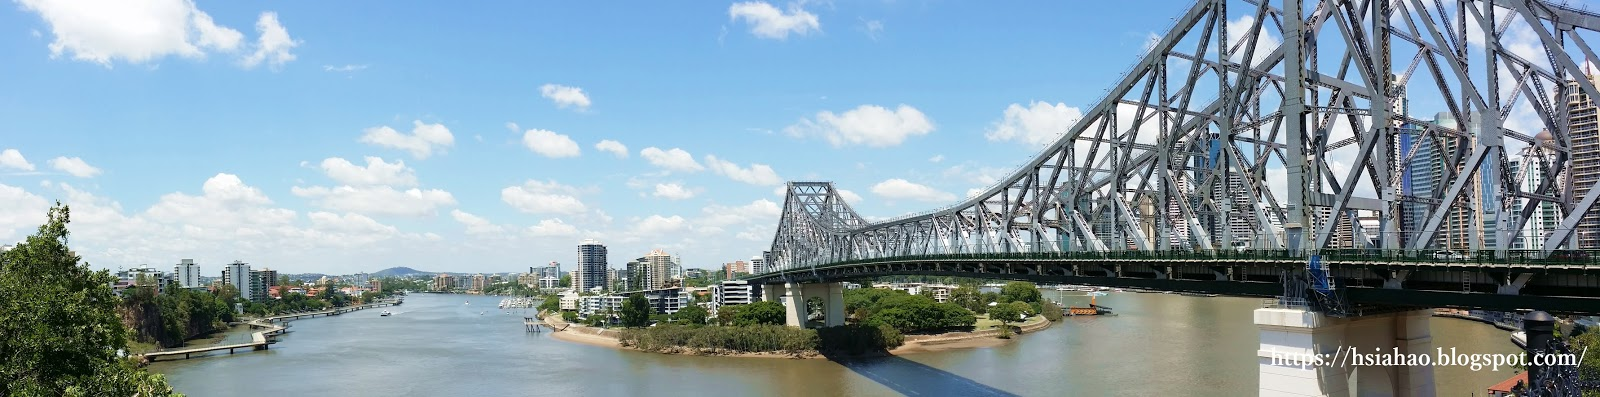 布里斯本-景點-推薦-市區-故事橋-故事橋攀爬-攀登-觀光-旅遊-旅行-Story-Bridge